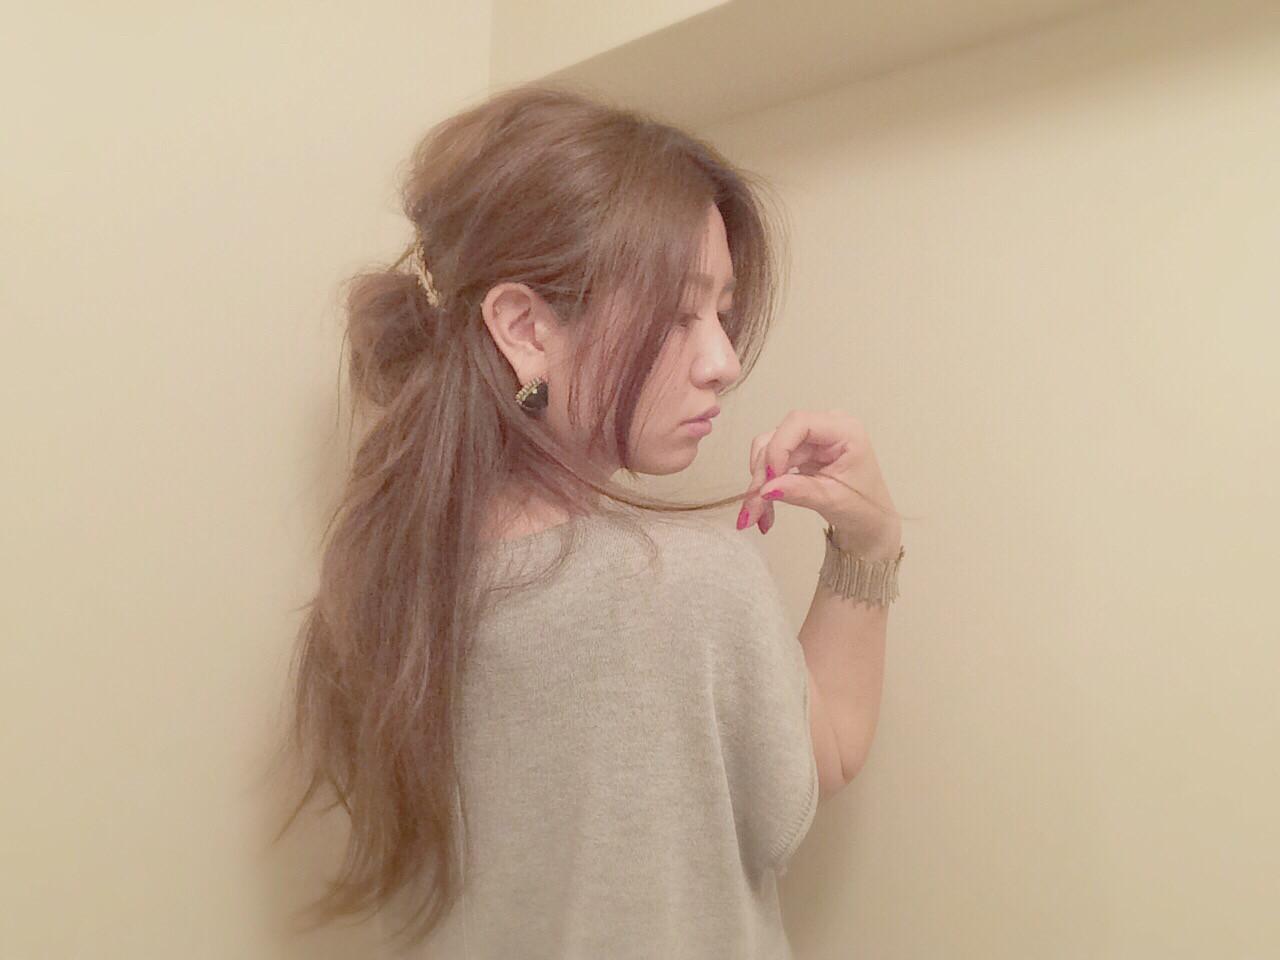 ウェーブ お団子 セルフヘアアレンジ 外国人風 ヘアスタイルや髪型の写真・画像